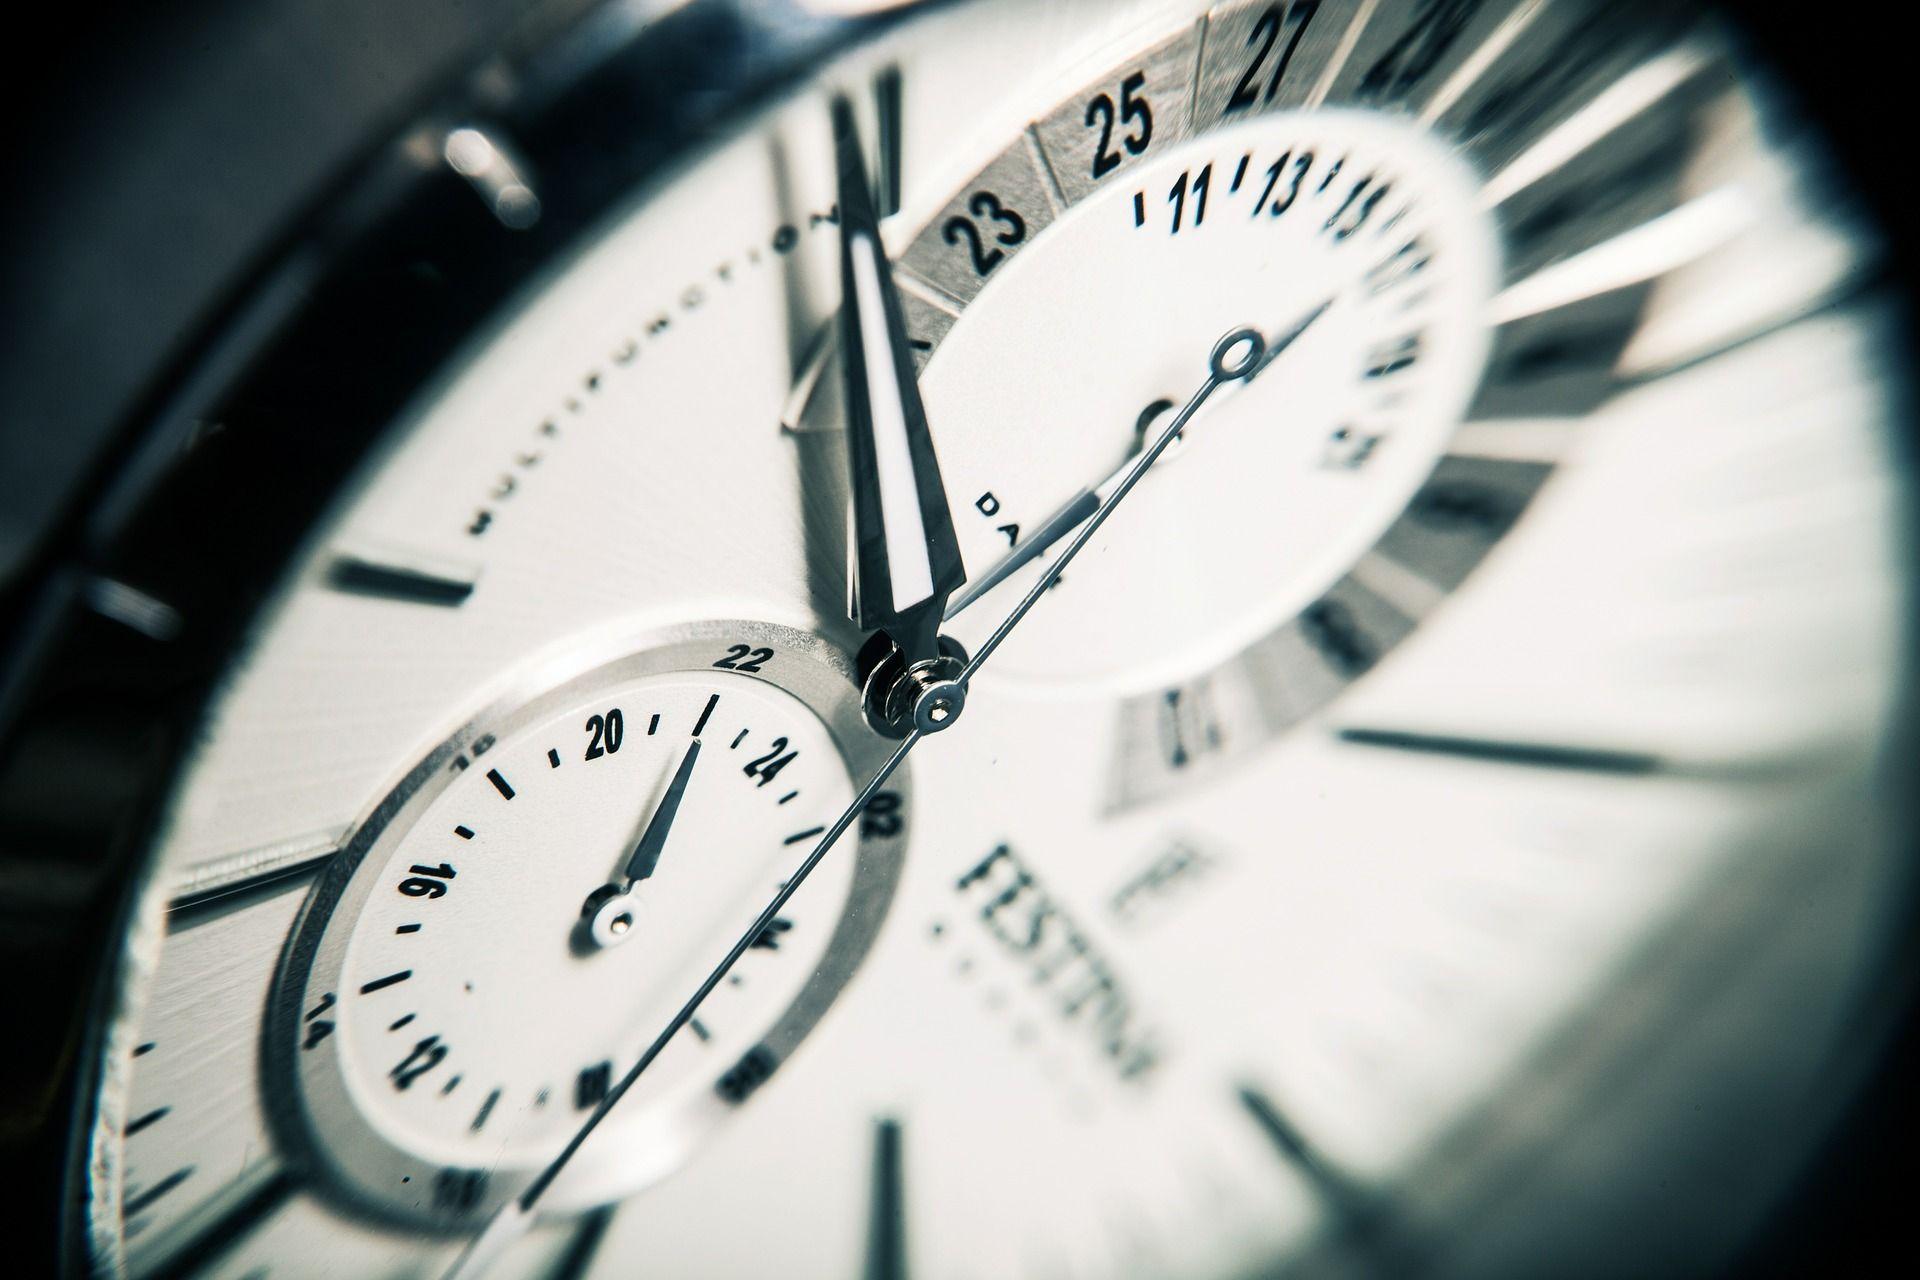 Gli orari della Scuola possono essere visionati nel sito istituzionale http://www.scuolasavio.it/orari.html